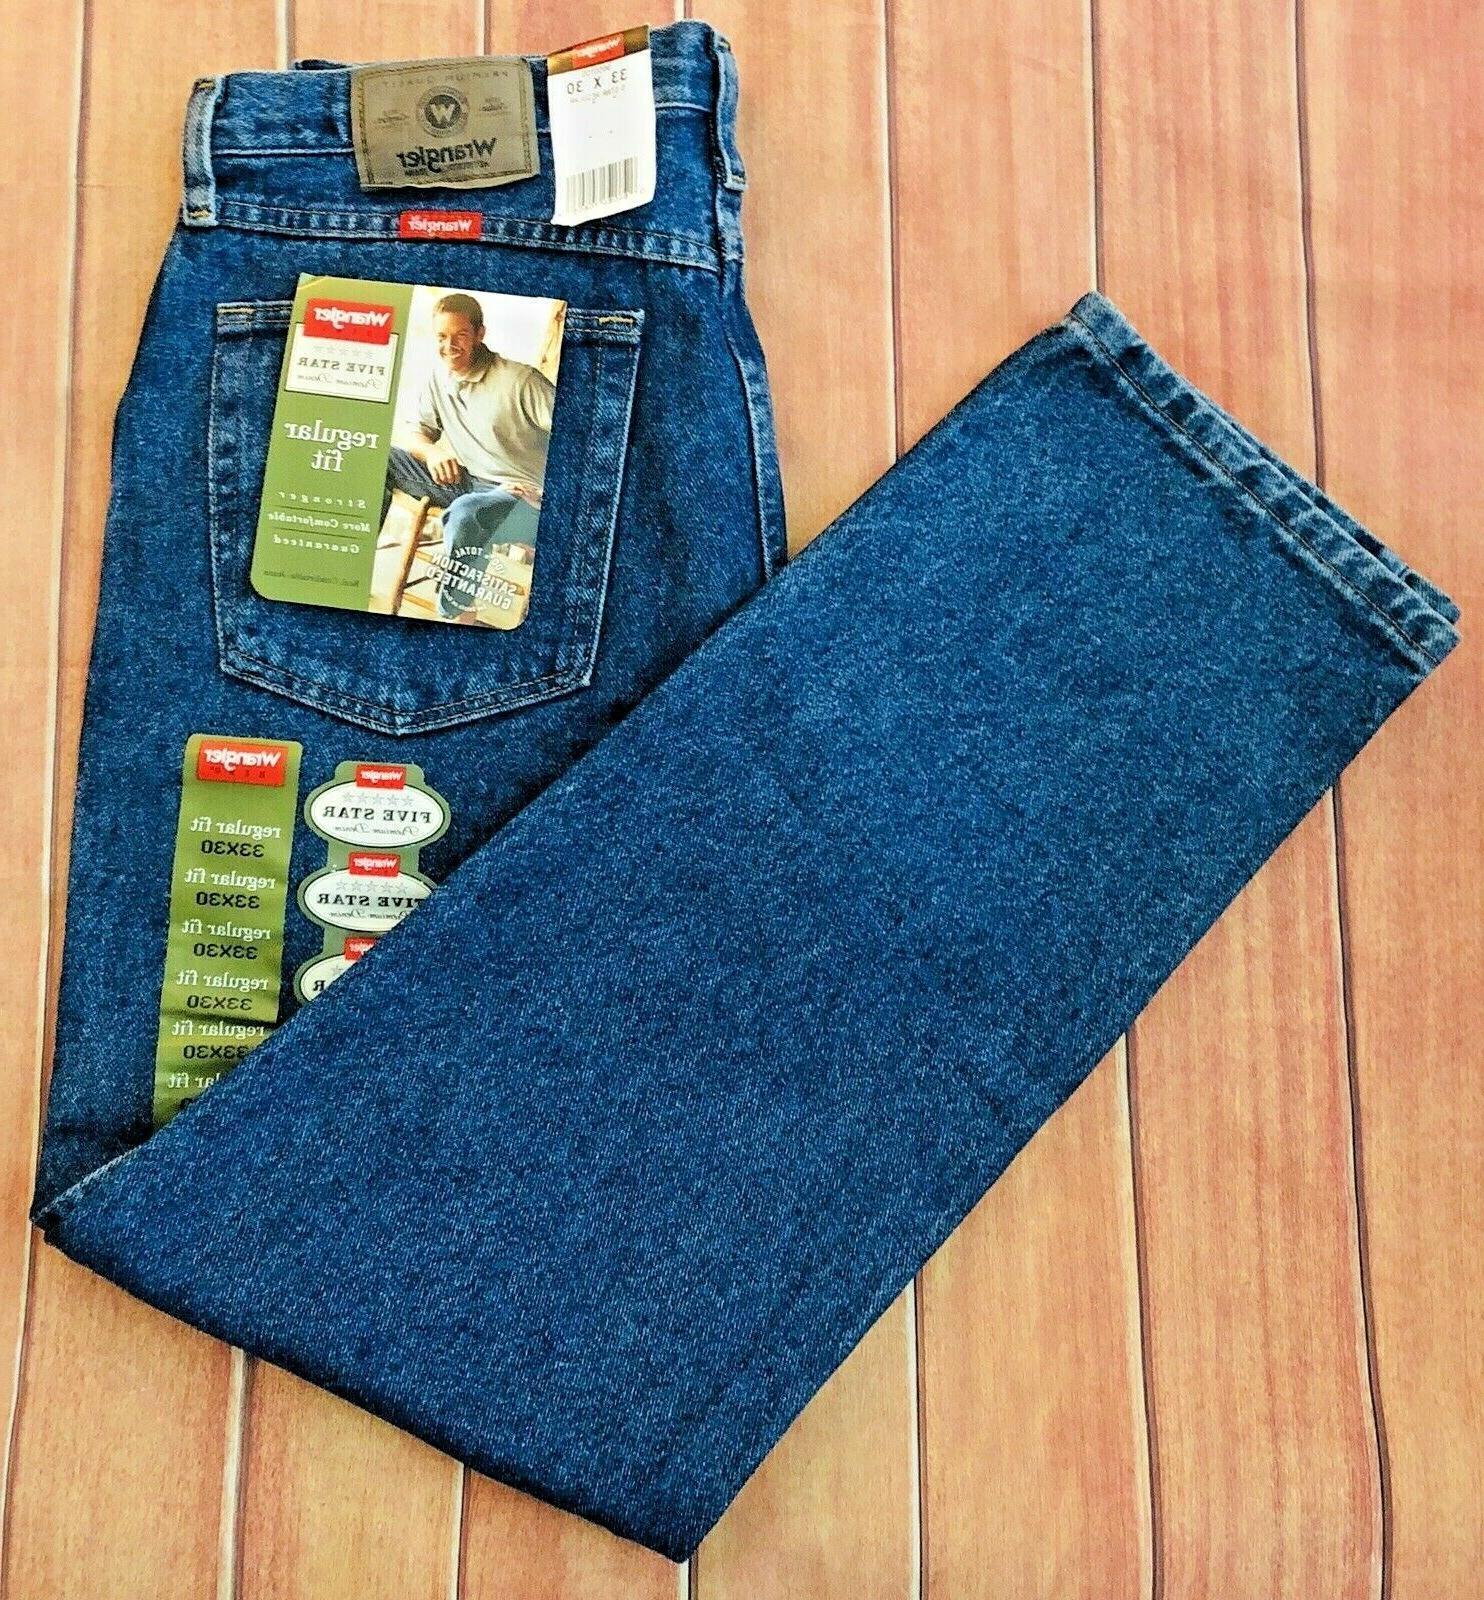 New Regular Denim Jeans